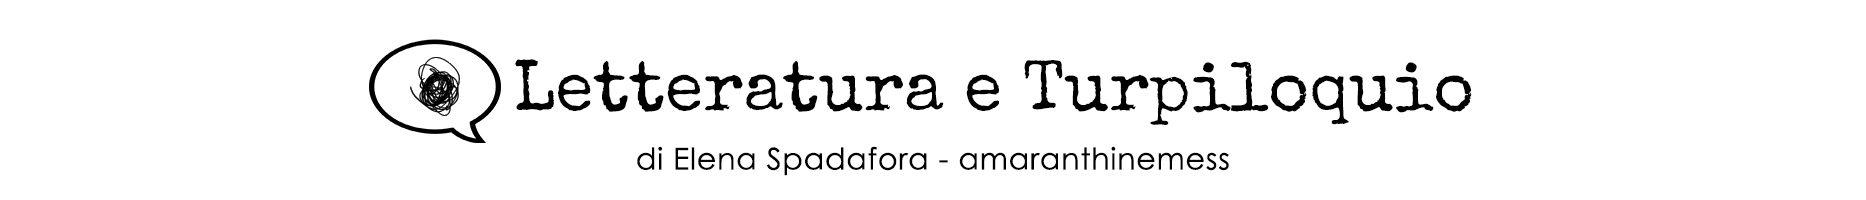 Letteratura e turpiloquio amaranthinemess.it